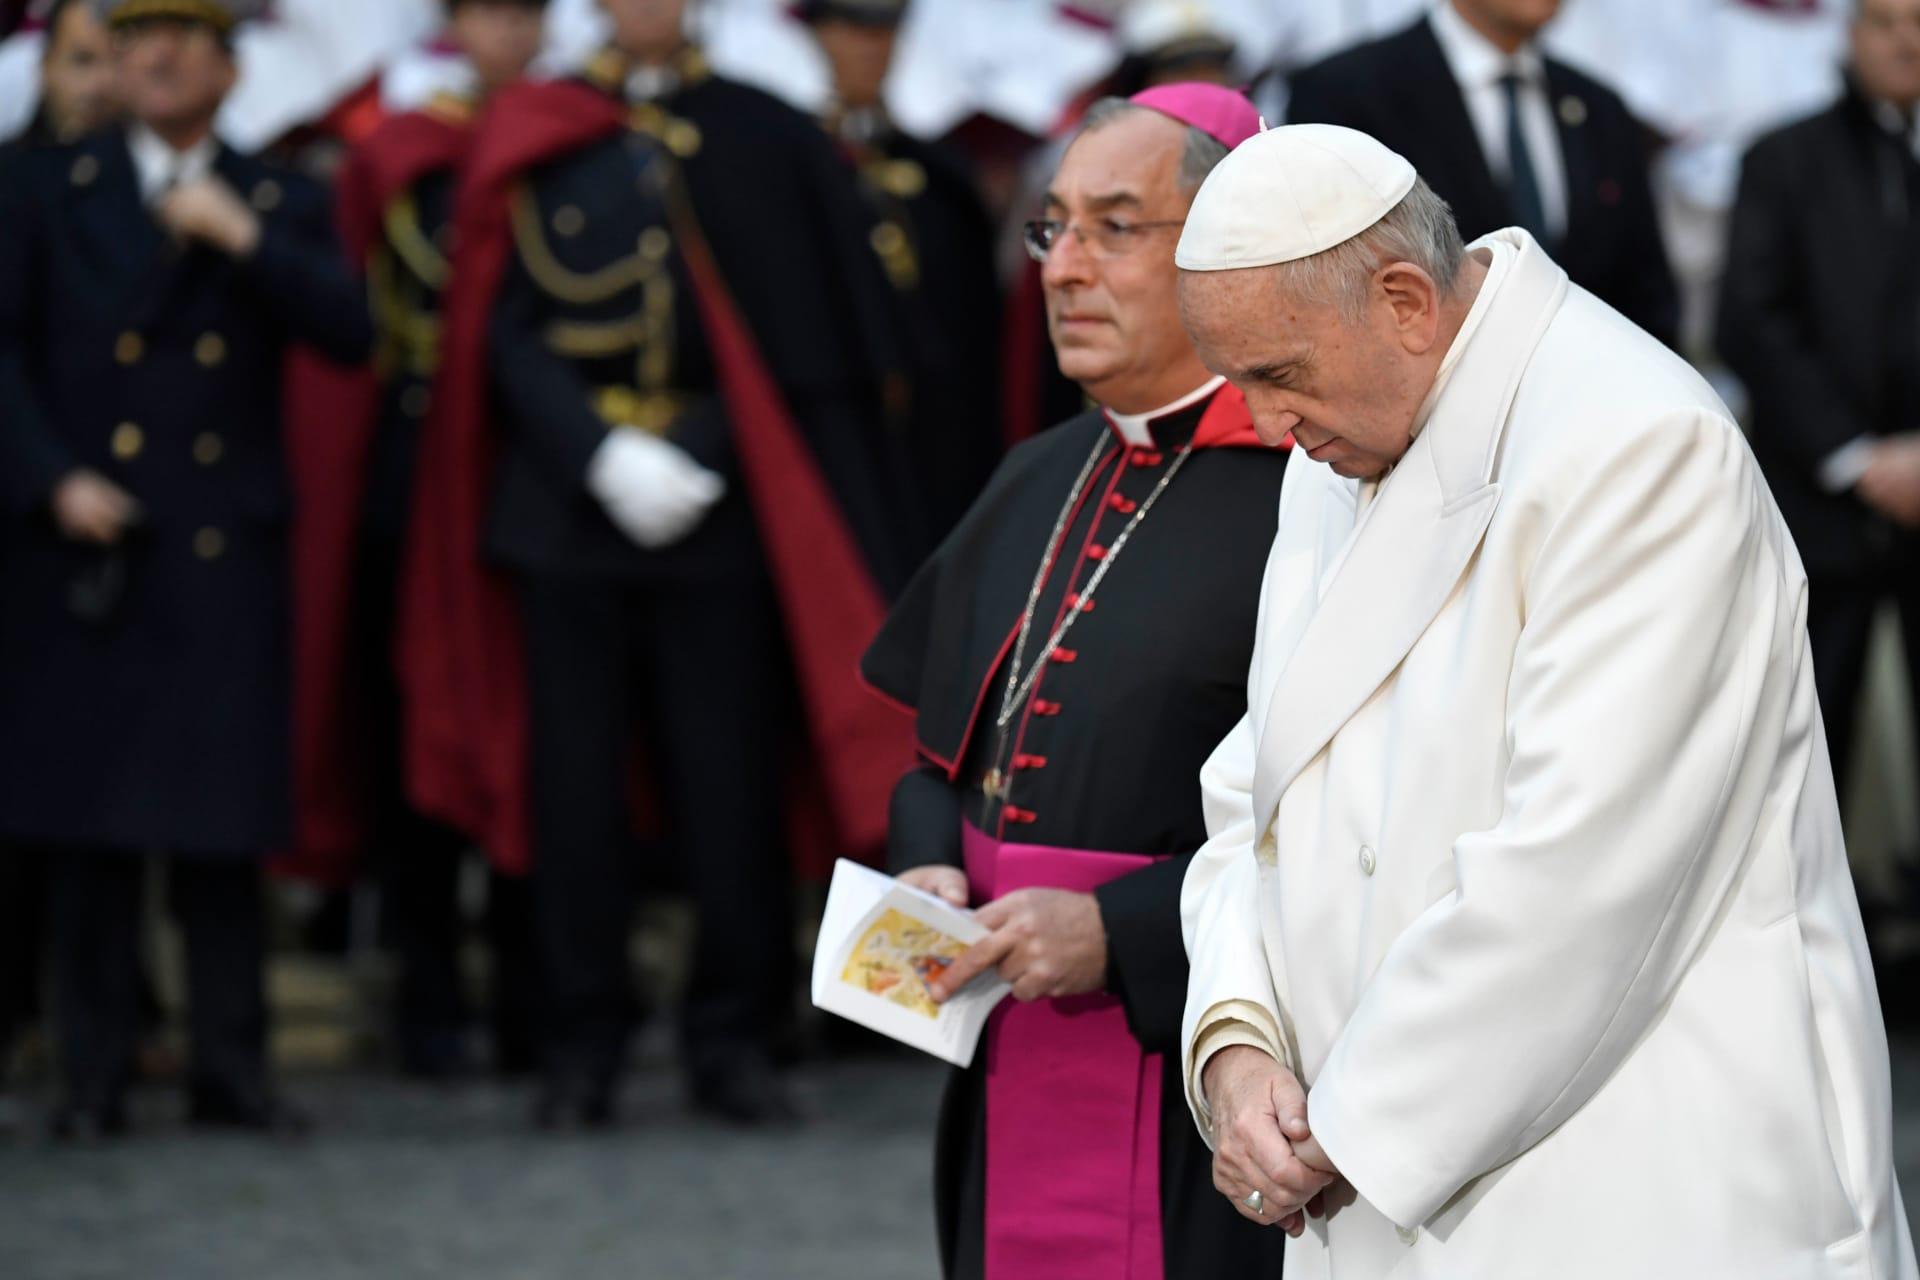 البابا يدعو للحكمة حول القدس وأصوات كنسية تطالب بمدينة مفتوحة